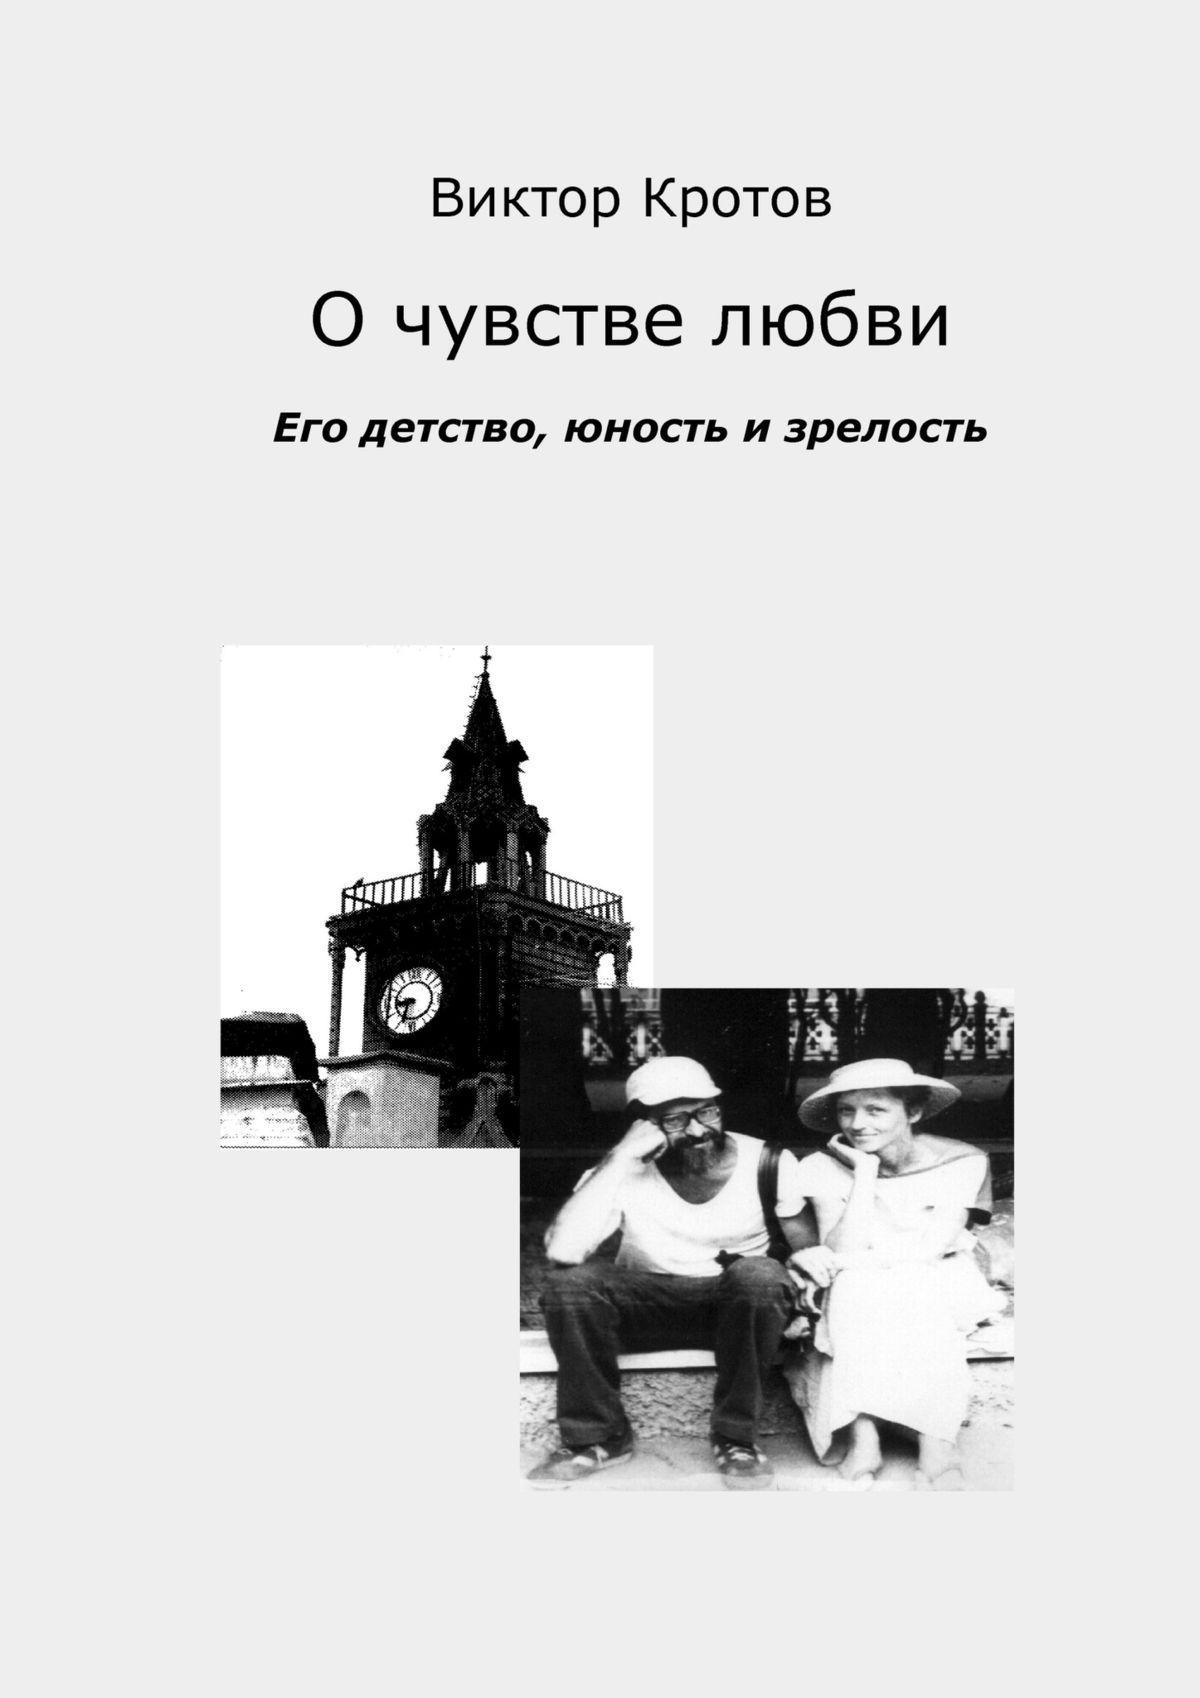 Виктор Кротов О чувстве любви. Его детство, юность и зрелость детство лидера